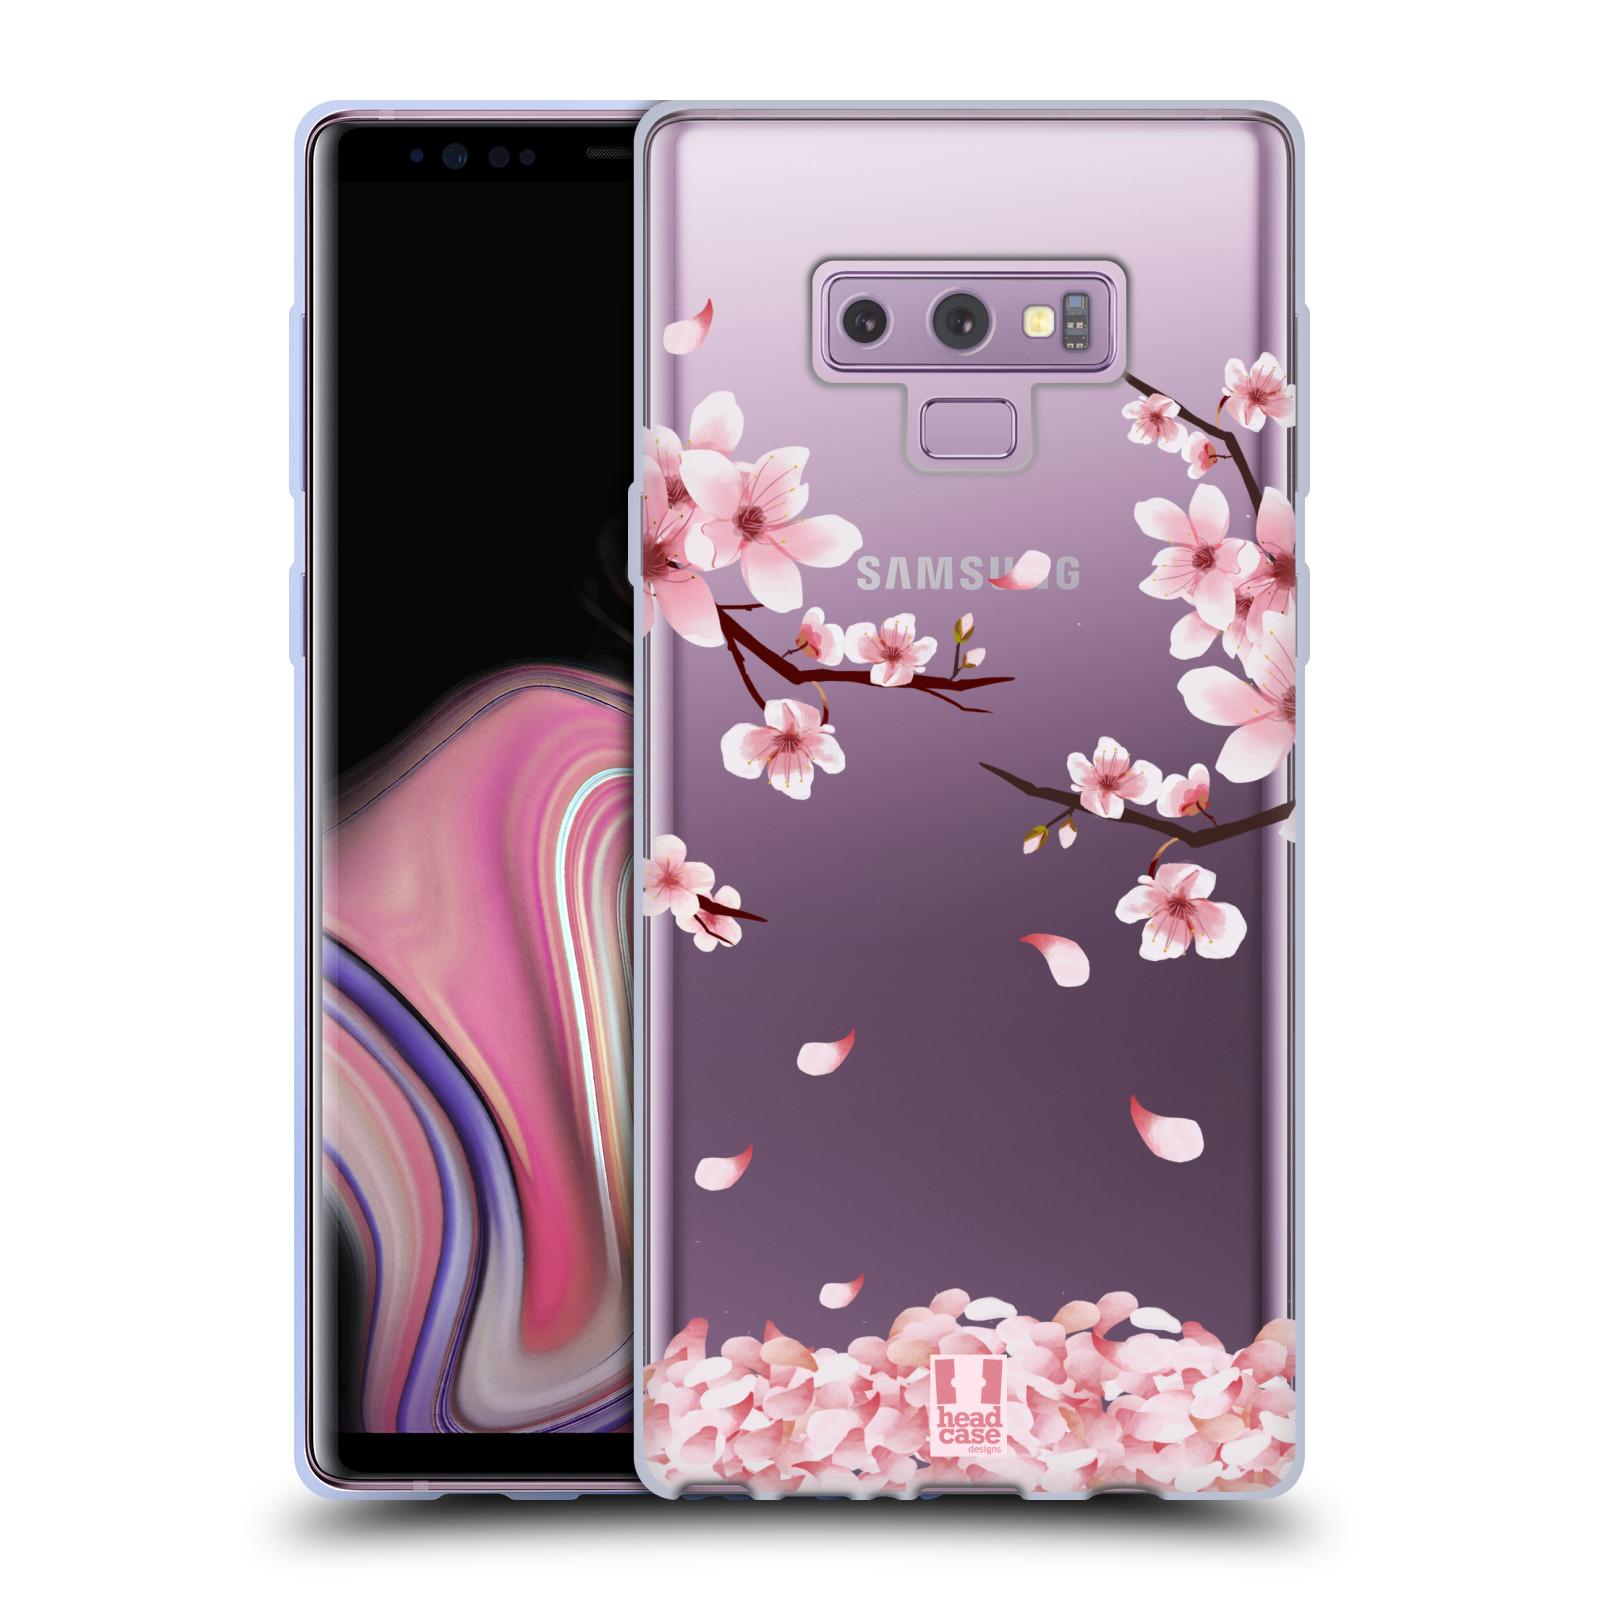 Silikonové pouzdro na mobil Samsung Galaxy Note 9 - Head Case - Květy a větvičky